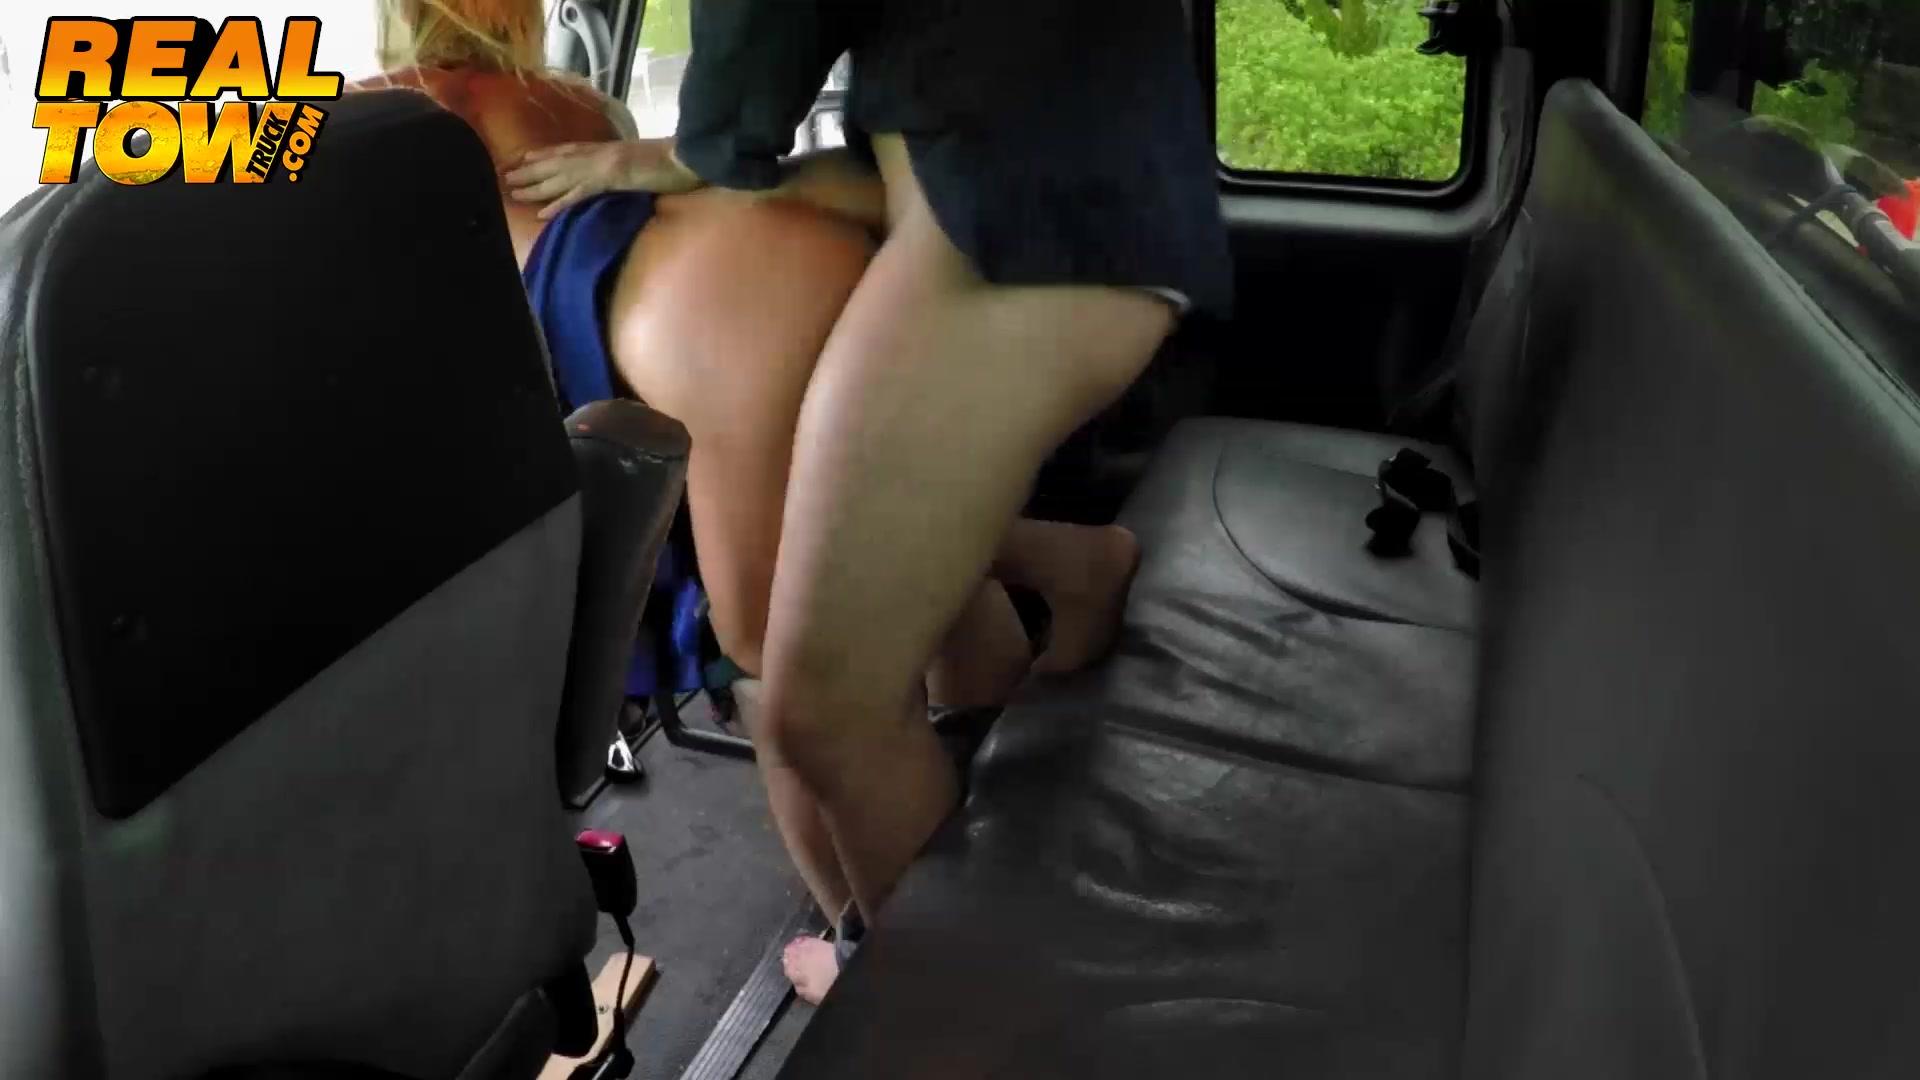 Adult Videos Sexy interracial porn pics